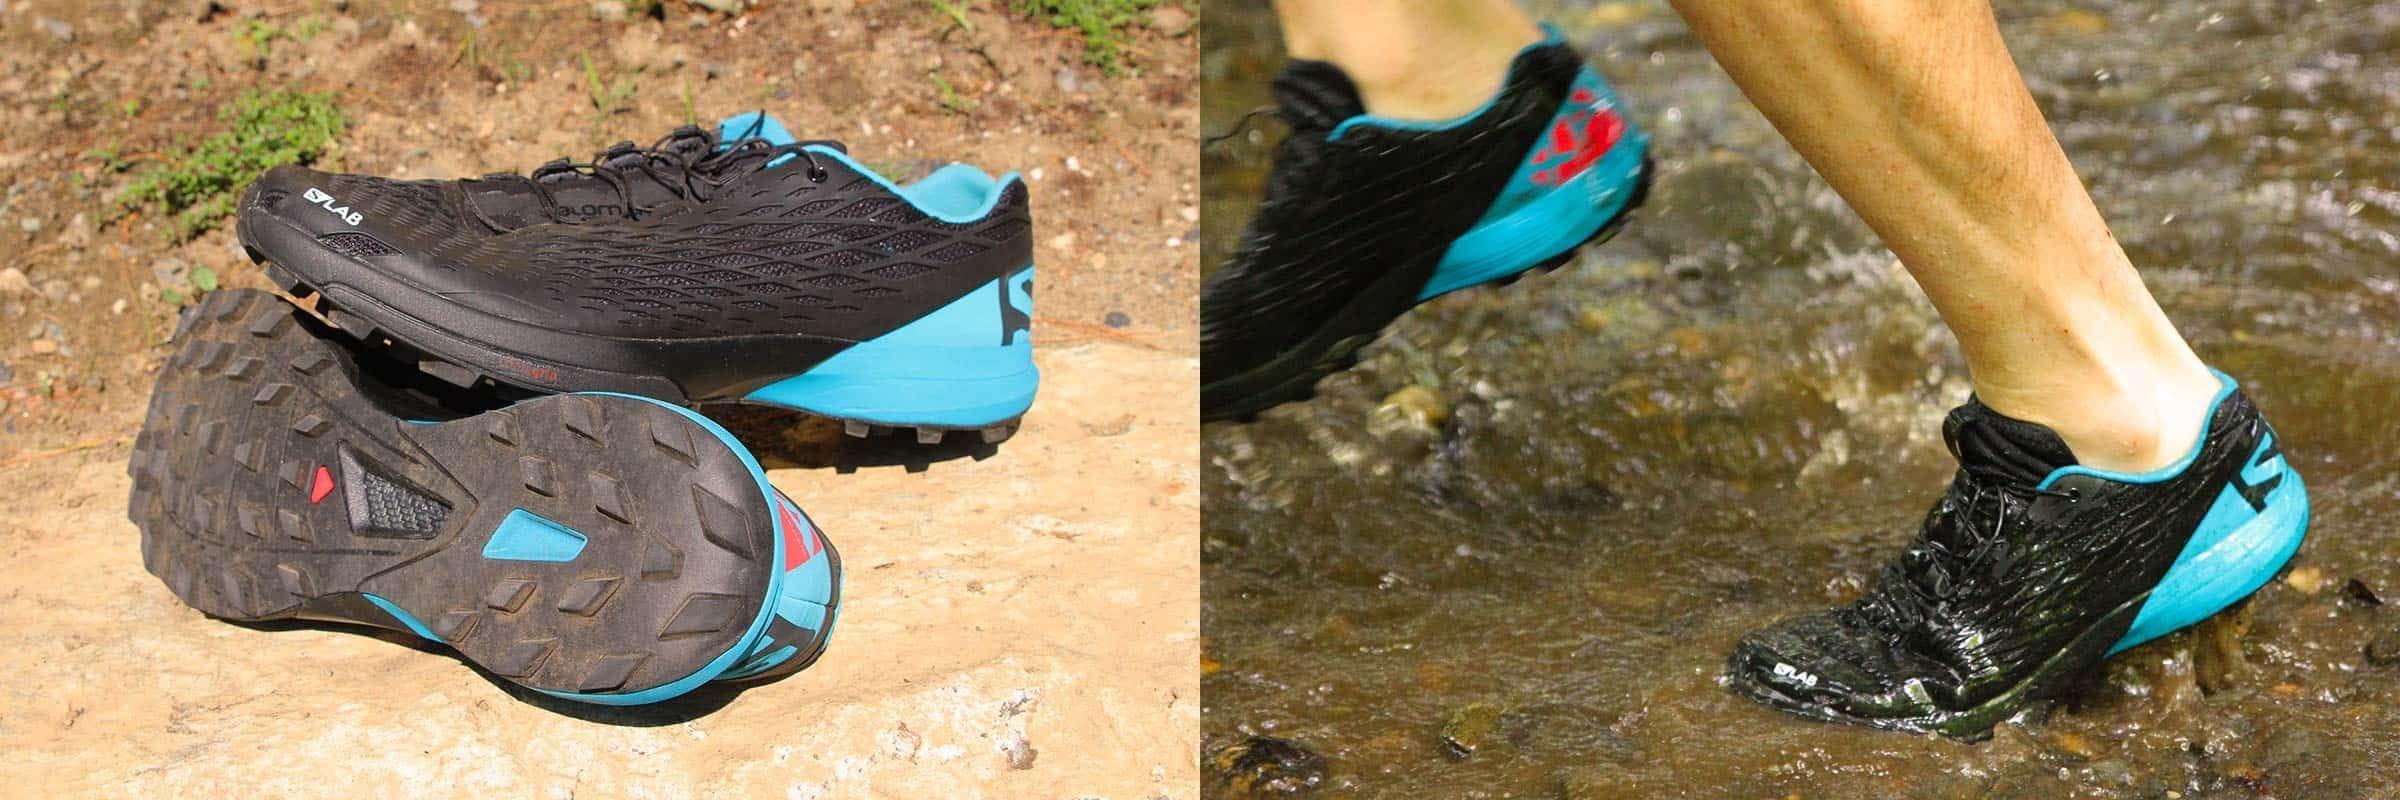 Salomon Men/'s XA Amphib Trail Running Shoe